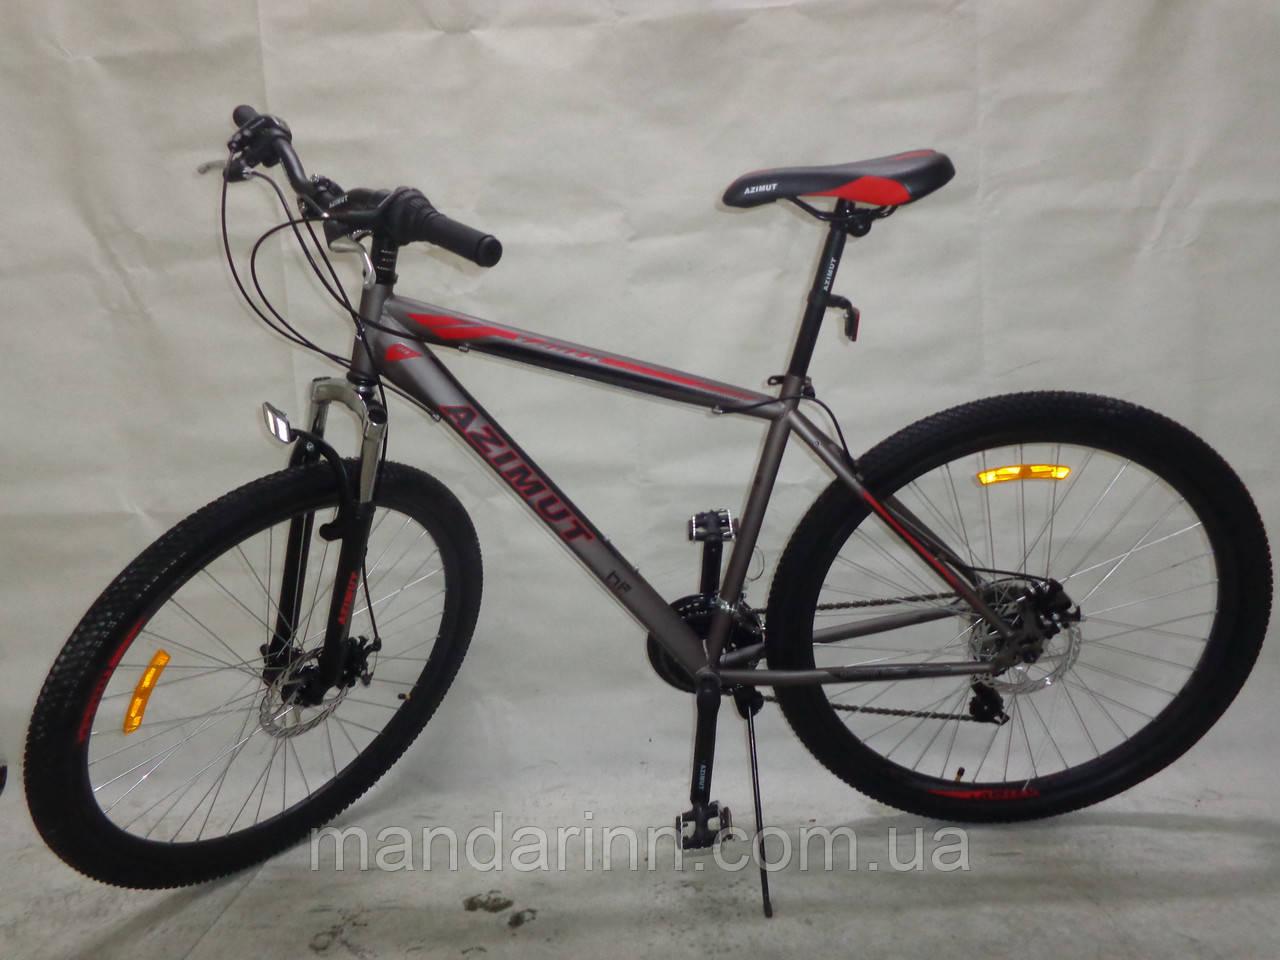 Горный велосипед 26 дюймов Azimut Vader. Дисковые тормоза. Серый